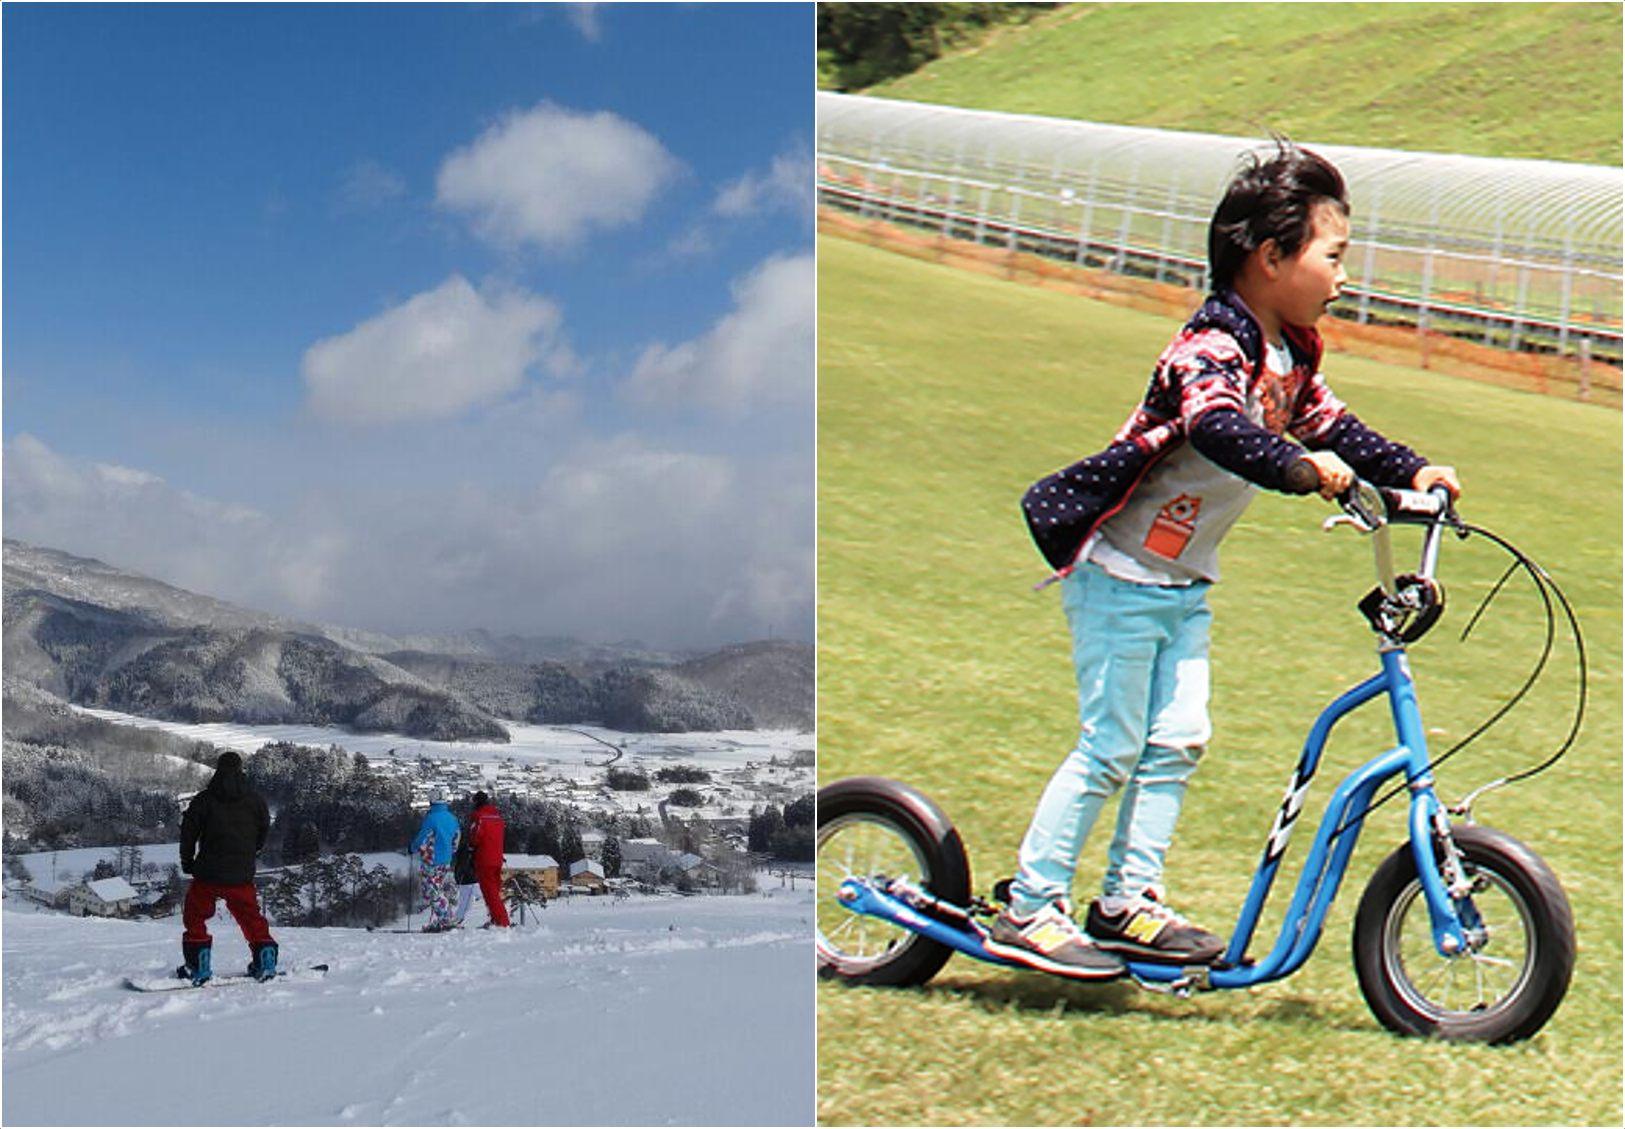 不管冬夏都能玩耍的滑雪場